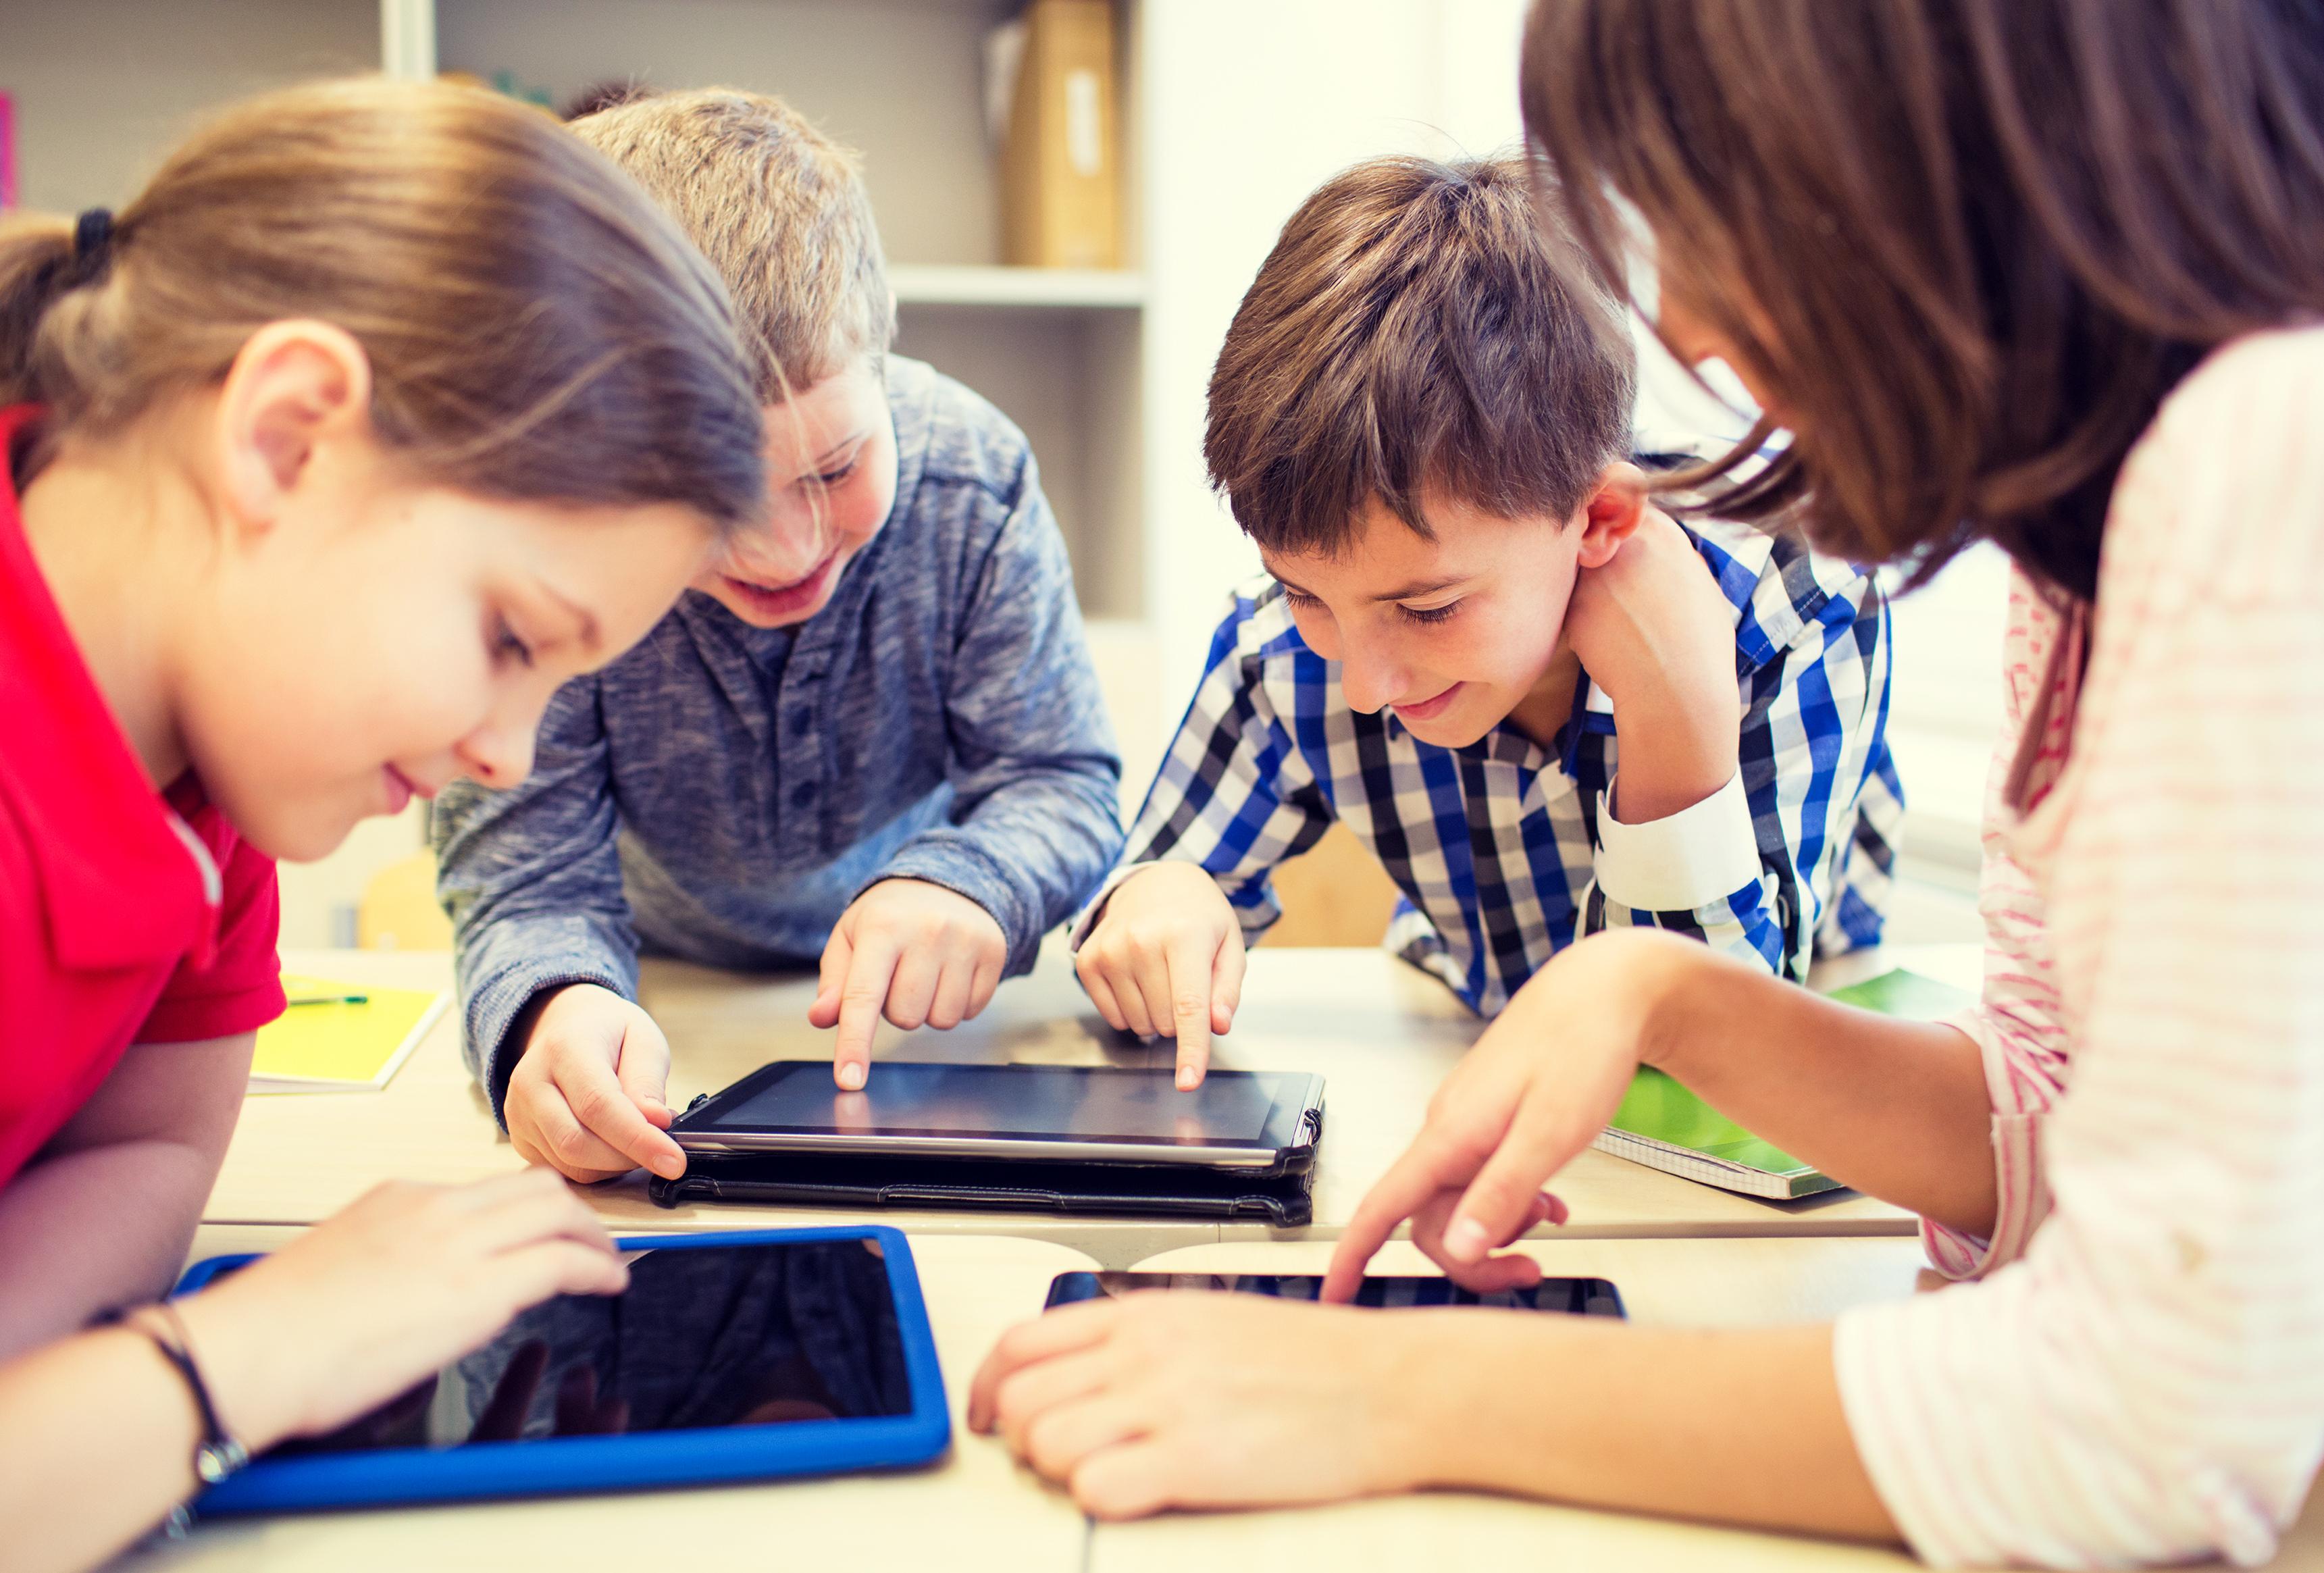 Technologijų ekspertas: kokias pasaulio inovacijas edukacijoje turėtų perimti ir Lietuva?